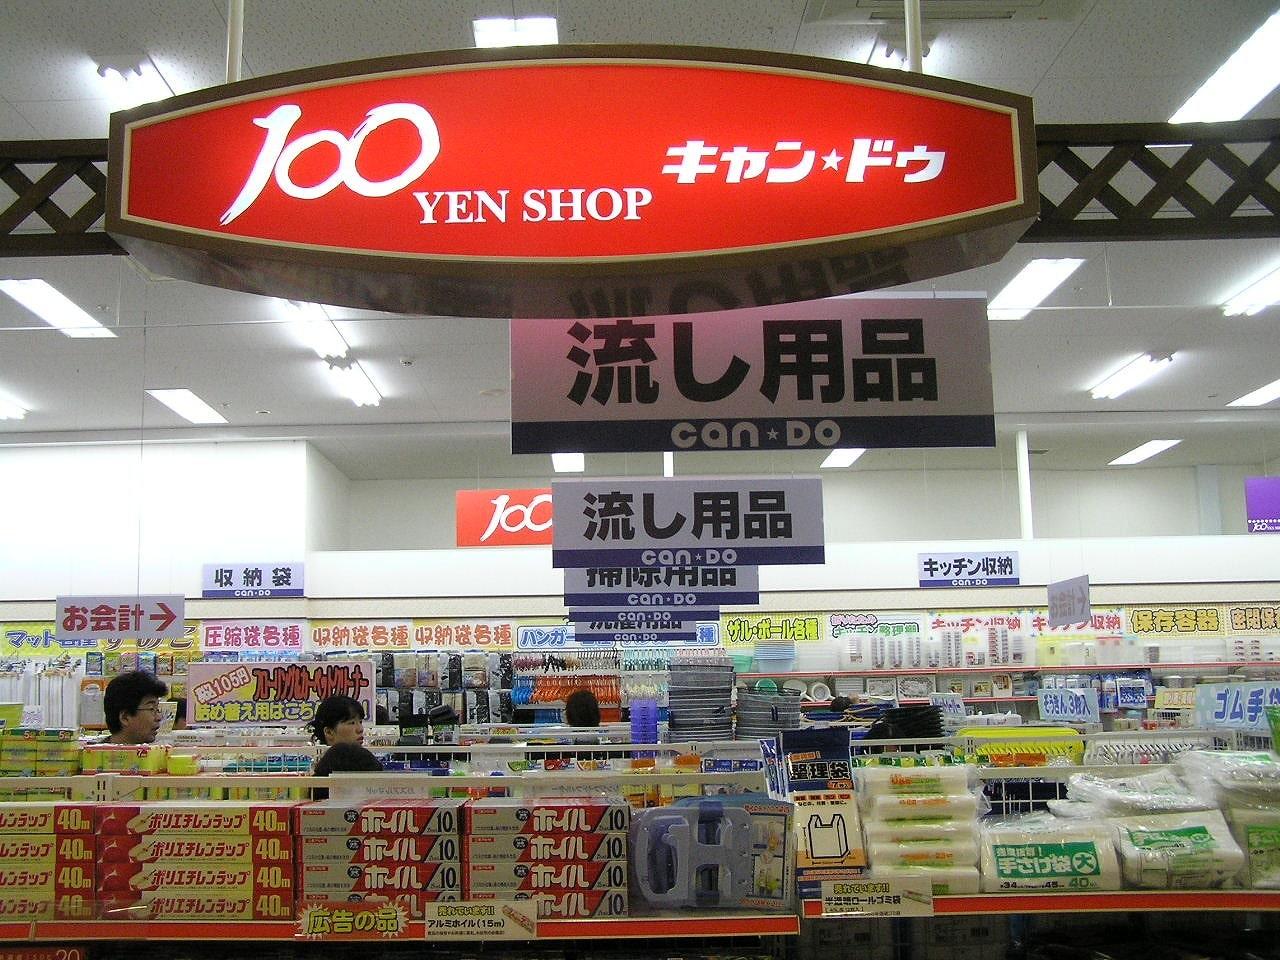 hyaku yen 100 yen store in Japan on a budget for souvenirs